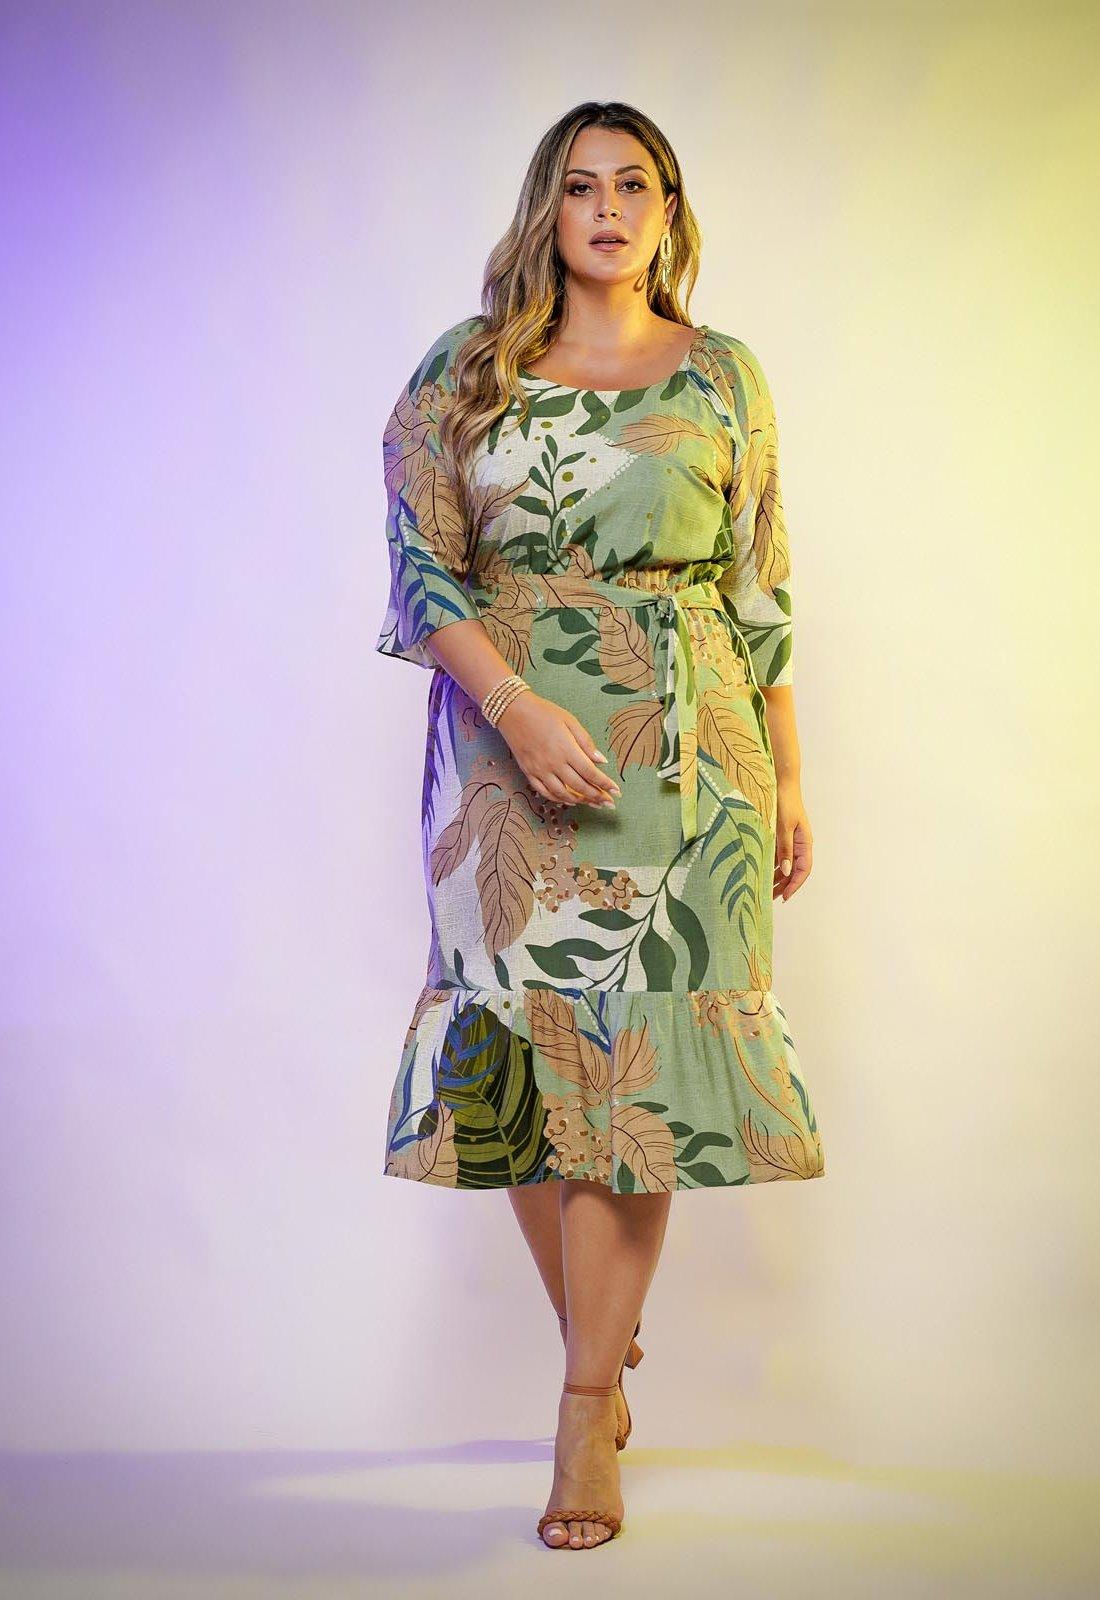 Vestido verde estampado  plus size com manga  Ref. U63121